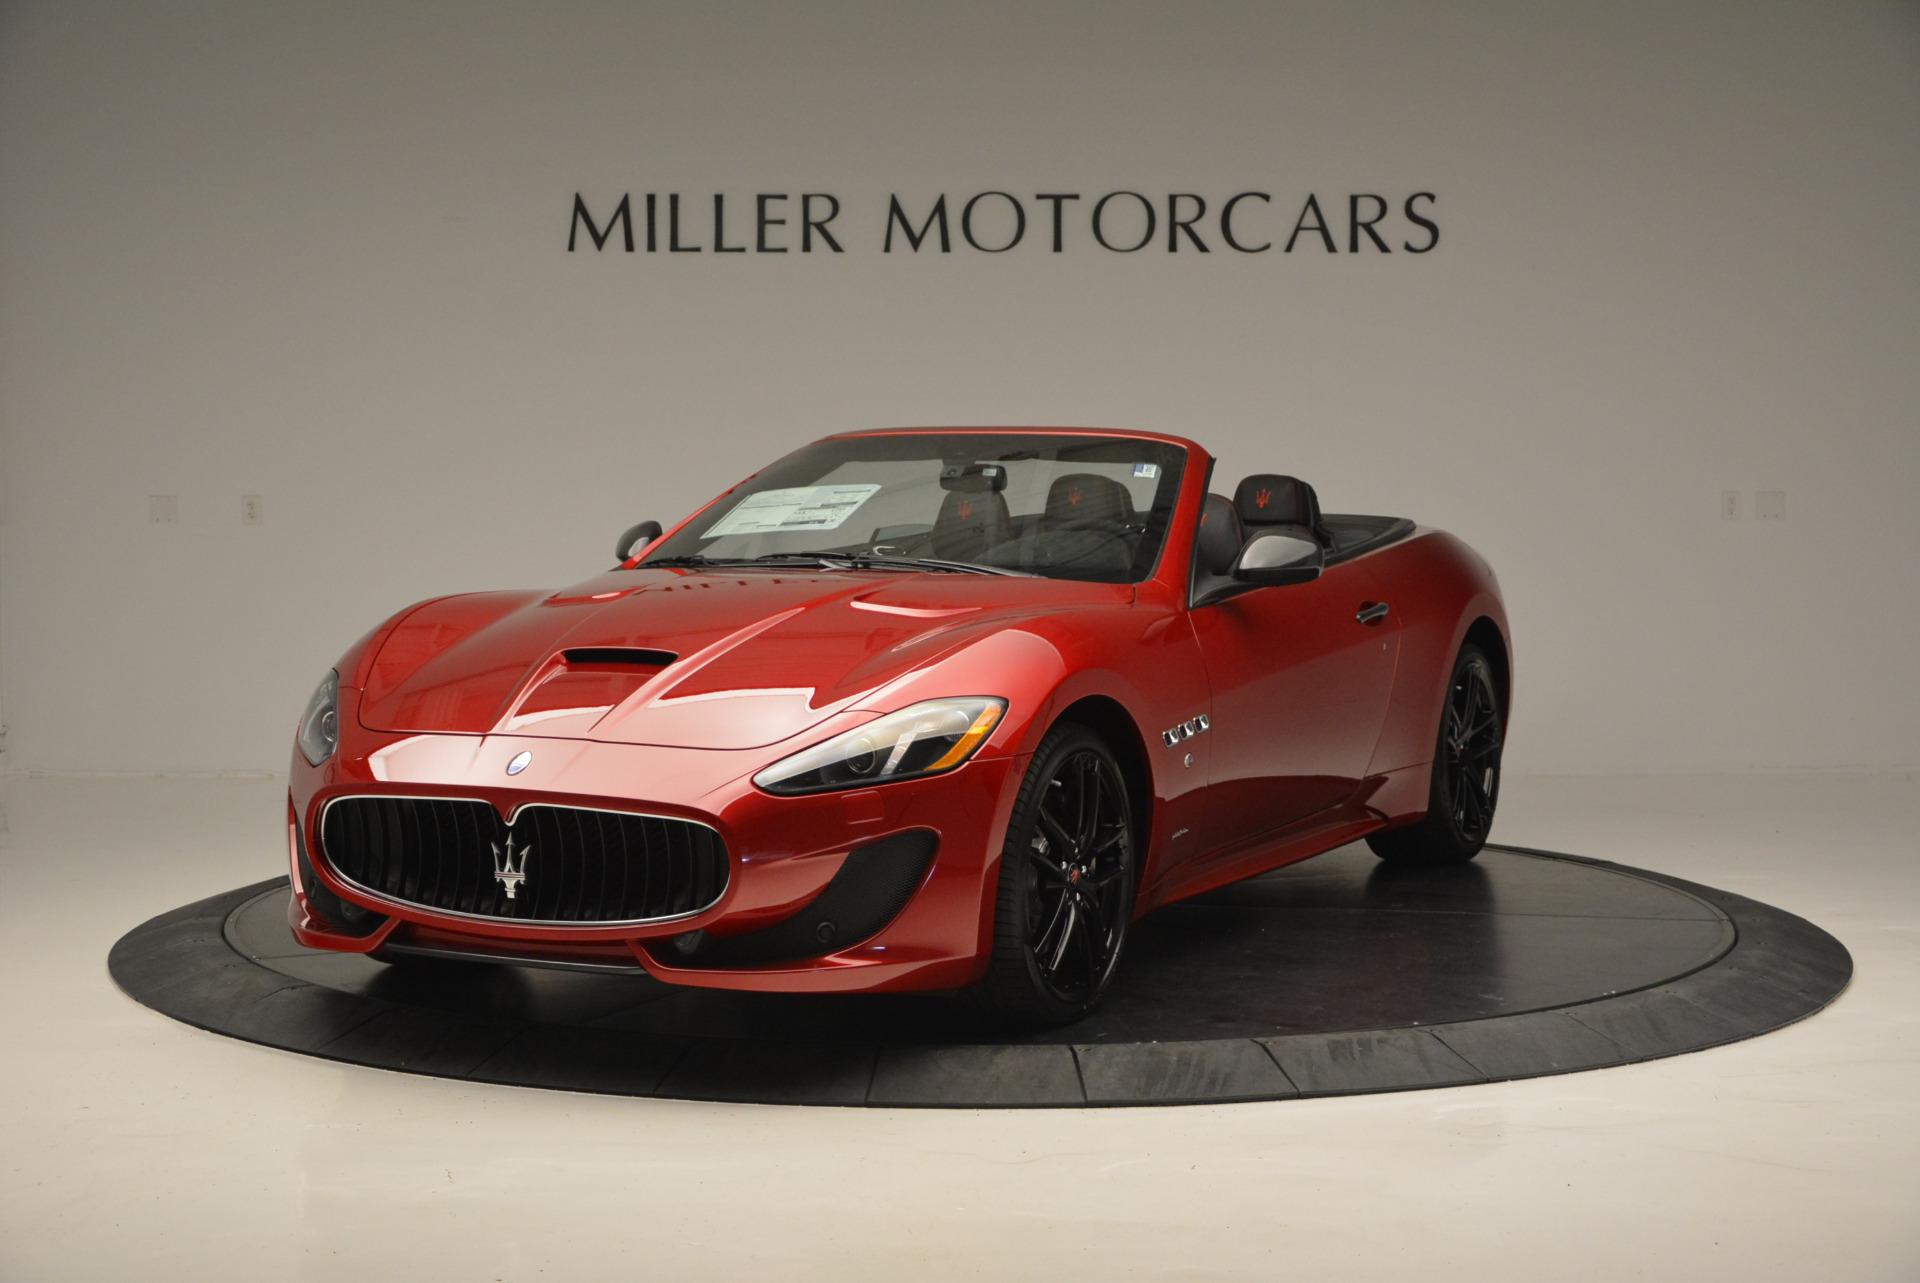 New 2017 Maserati GranTurismo Sport Special Edition For Sale In Greenwich, CT 666_main